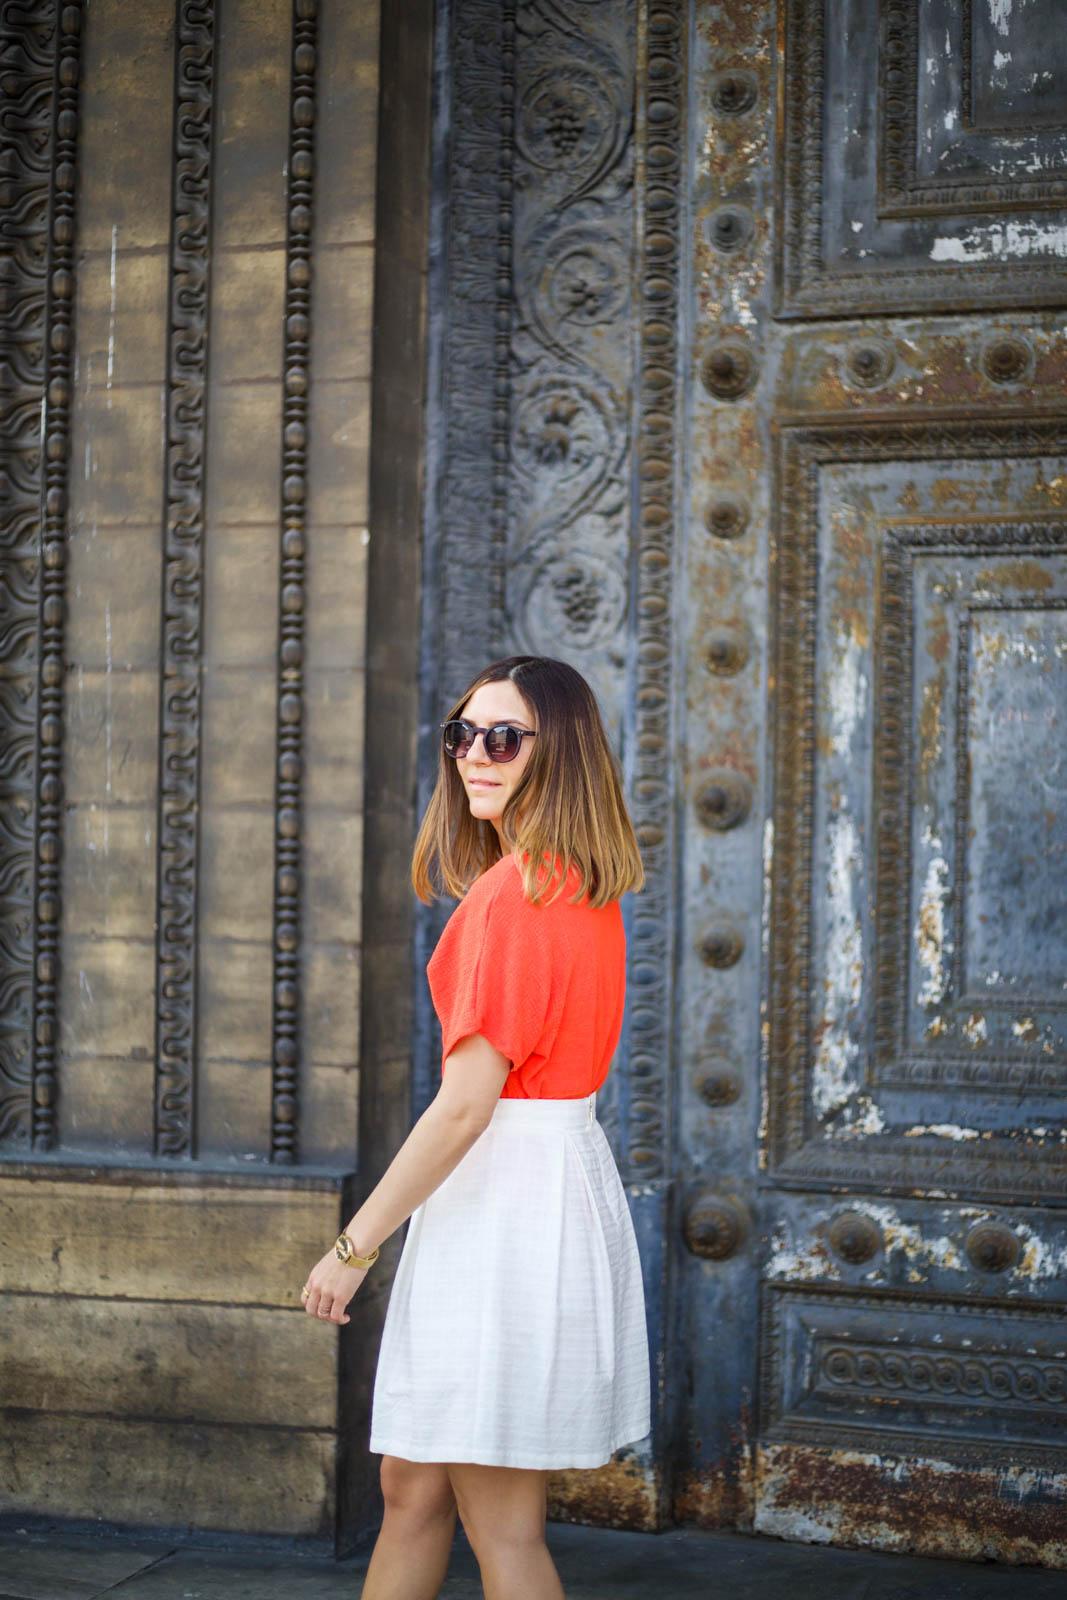 comment porter la jupe blanche